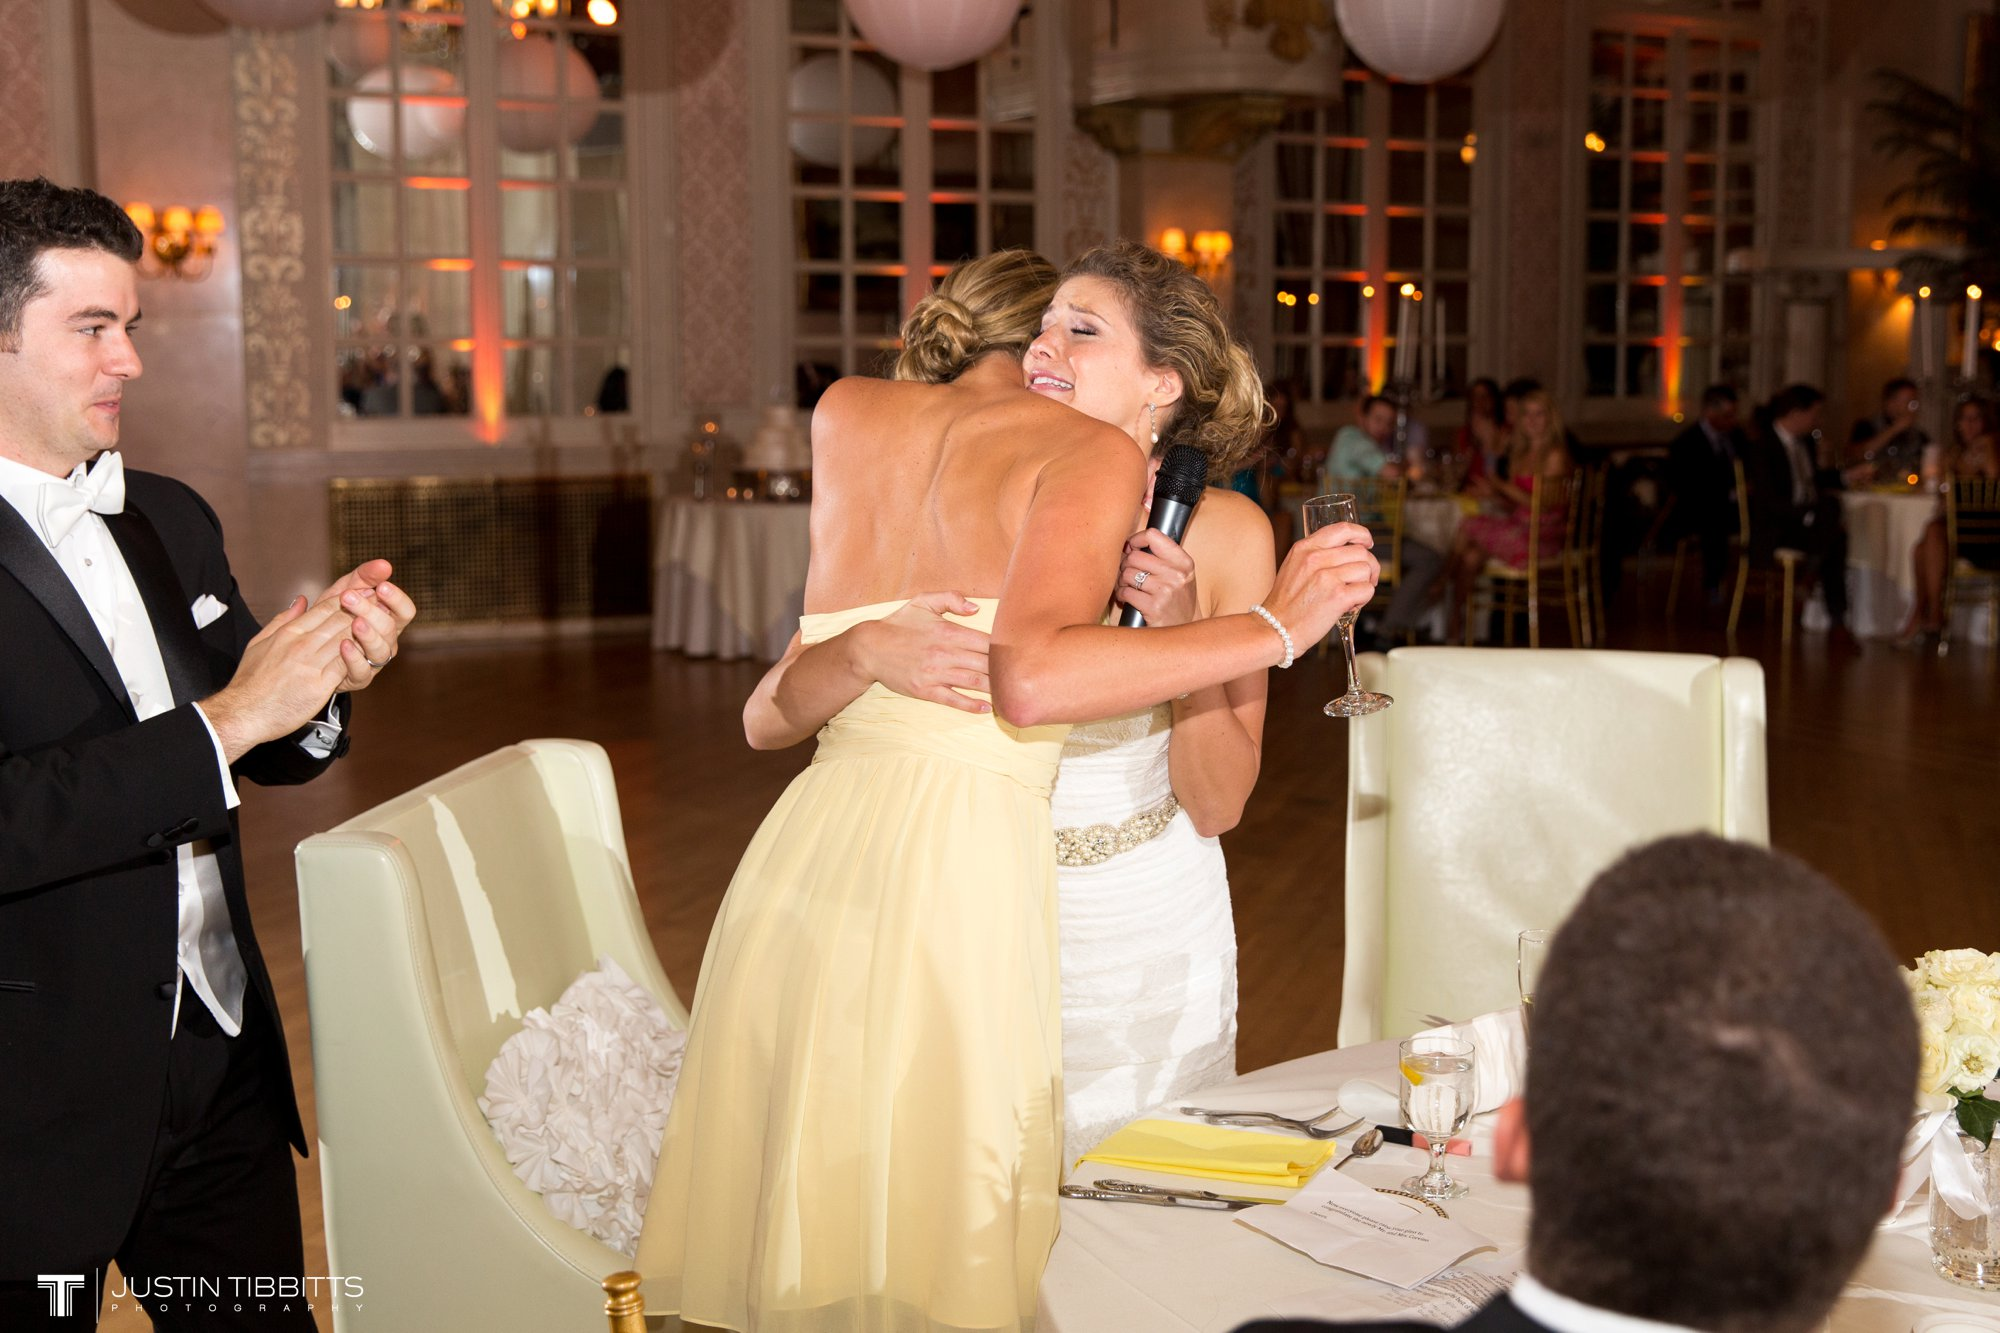 Albany NY Wedding Photographer Justin Tibbitts Photography 2014 Best of Albany NY Weddings-270Albany NY Wedding Photographer Justin Tibbitts Photography Albany NY Best of Weddings19